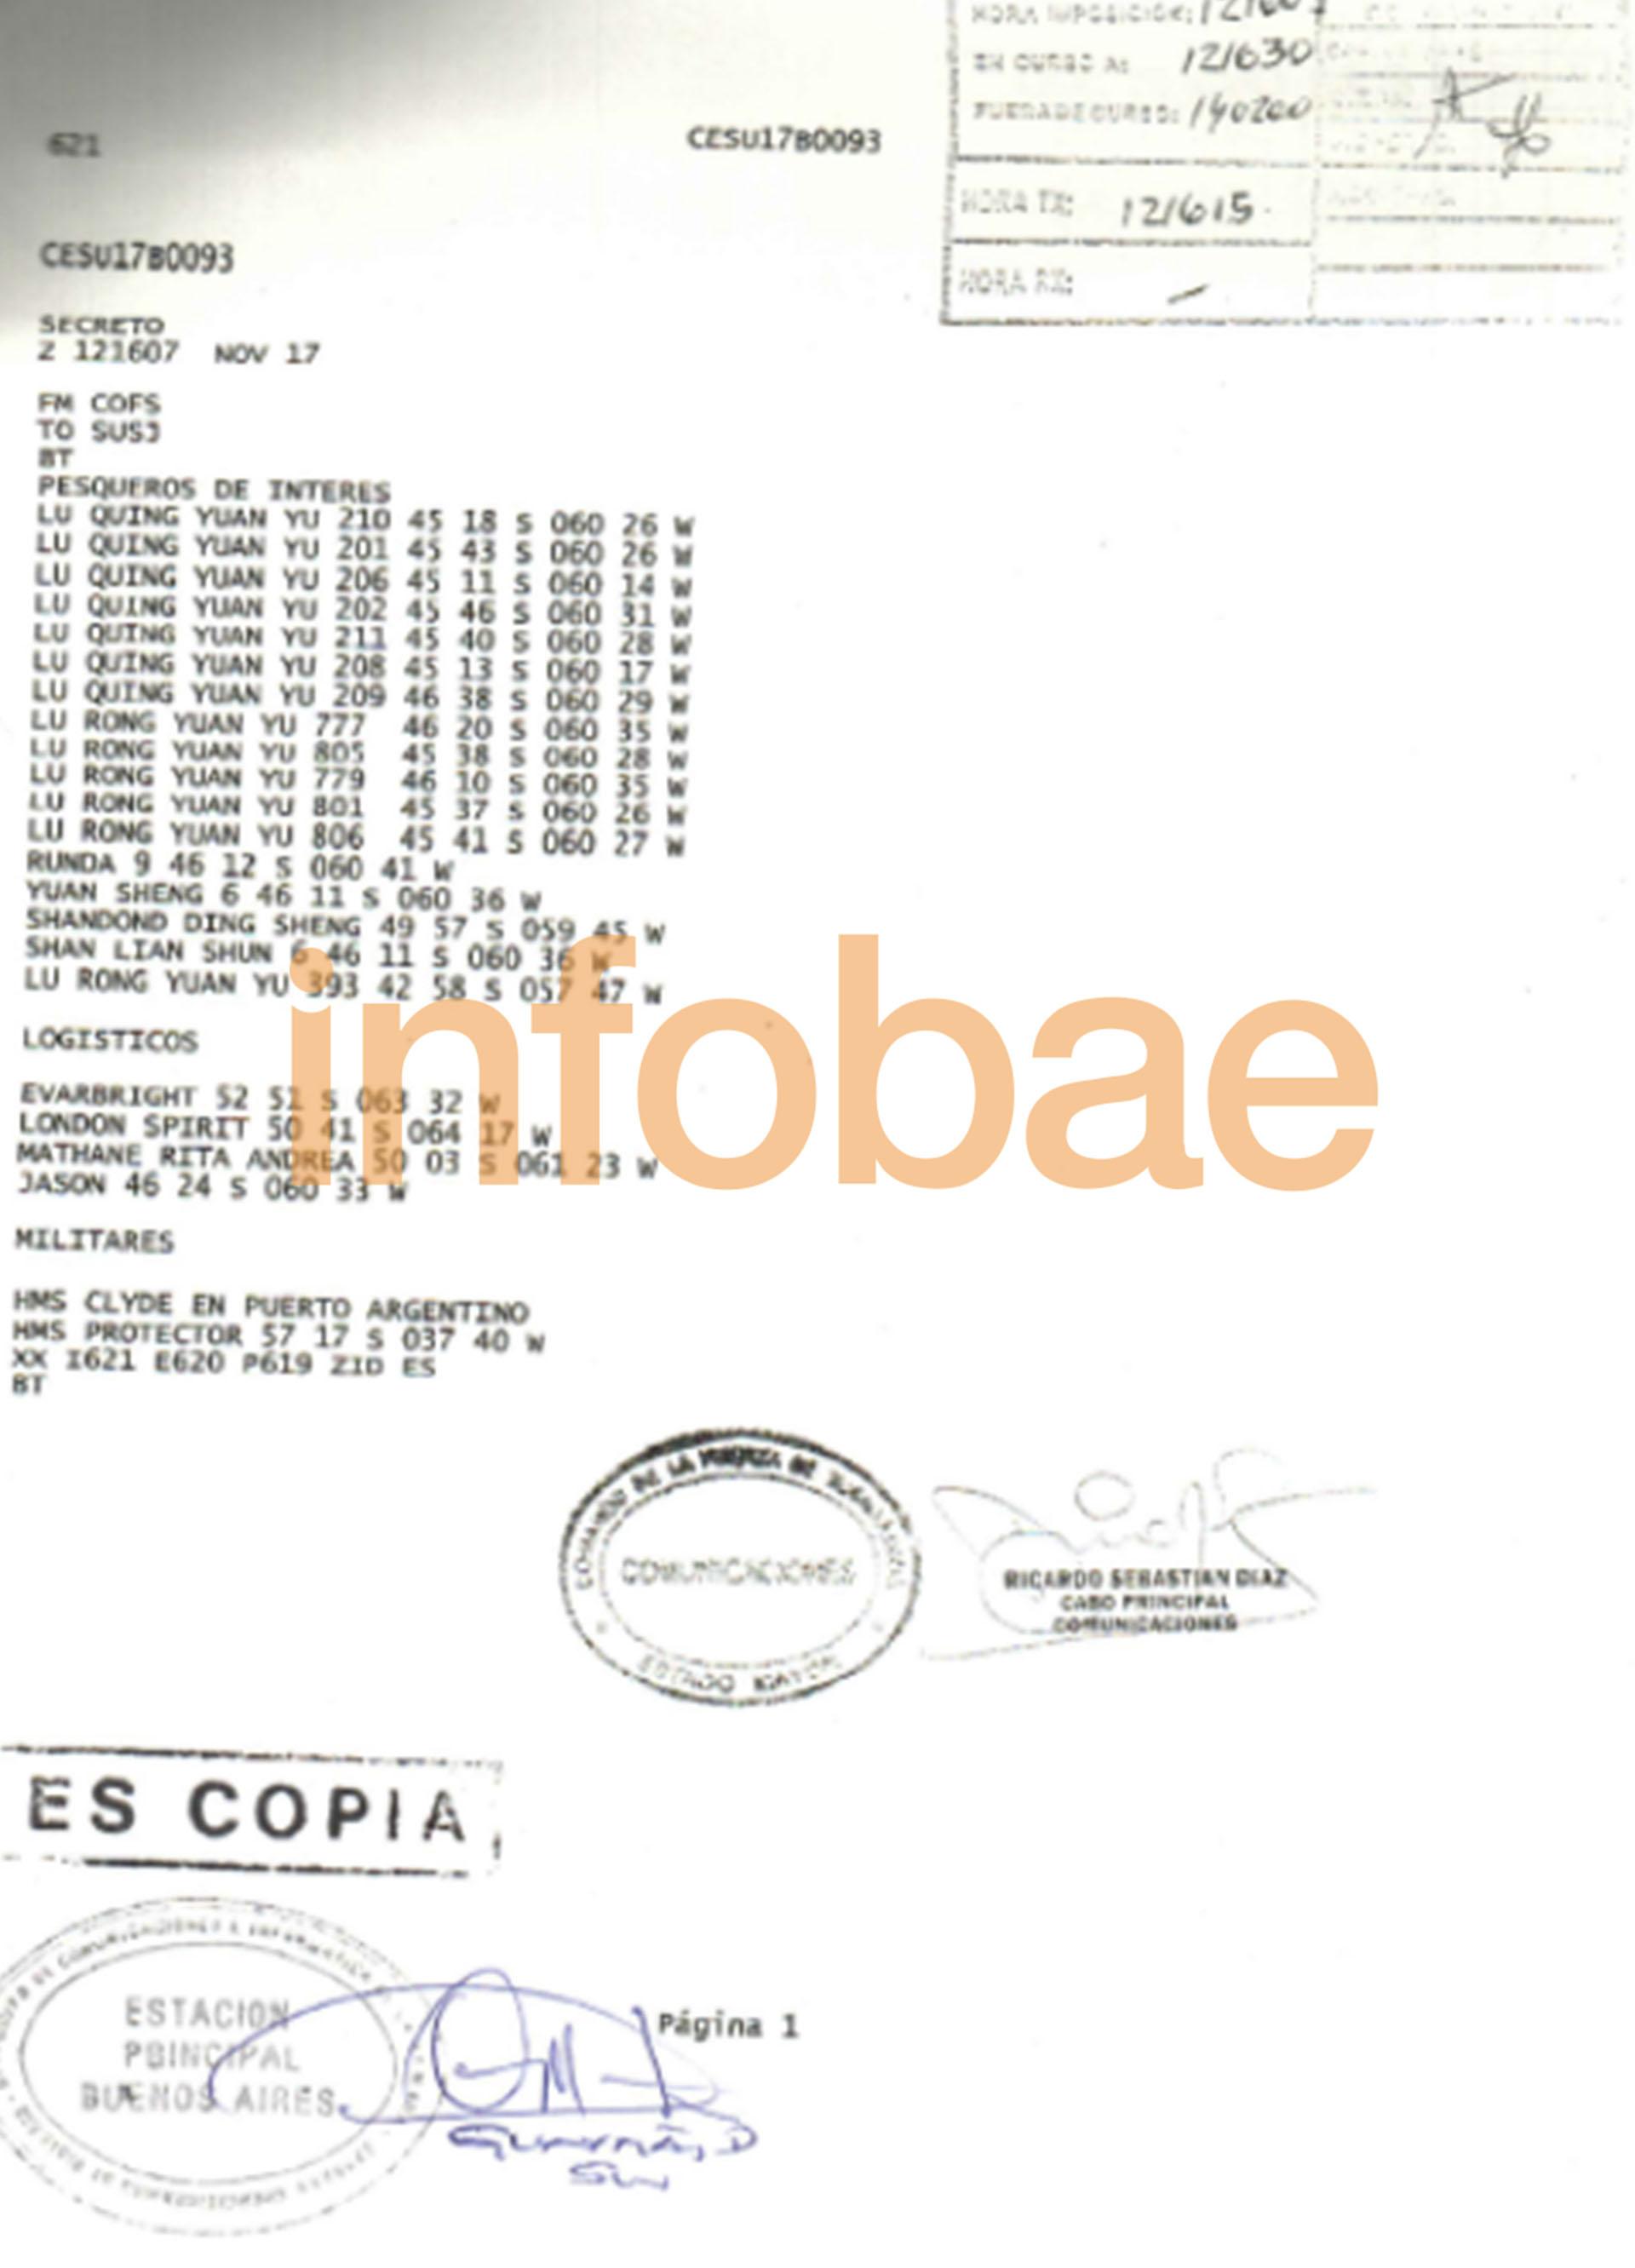 Los mensajes de inteligencia que el ARA San Juan recibía desde desde el Comando de la Flota de Submarinos para realizar tareas de inteligencia